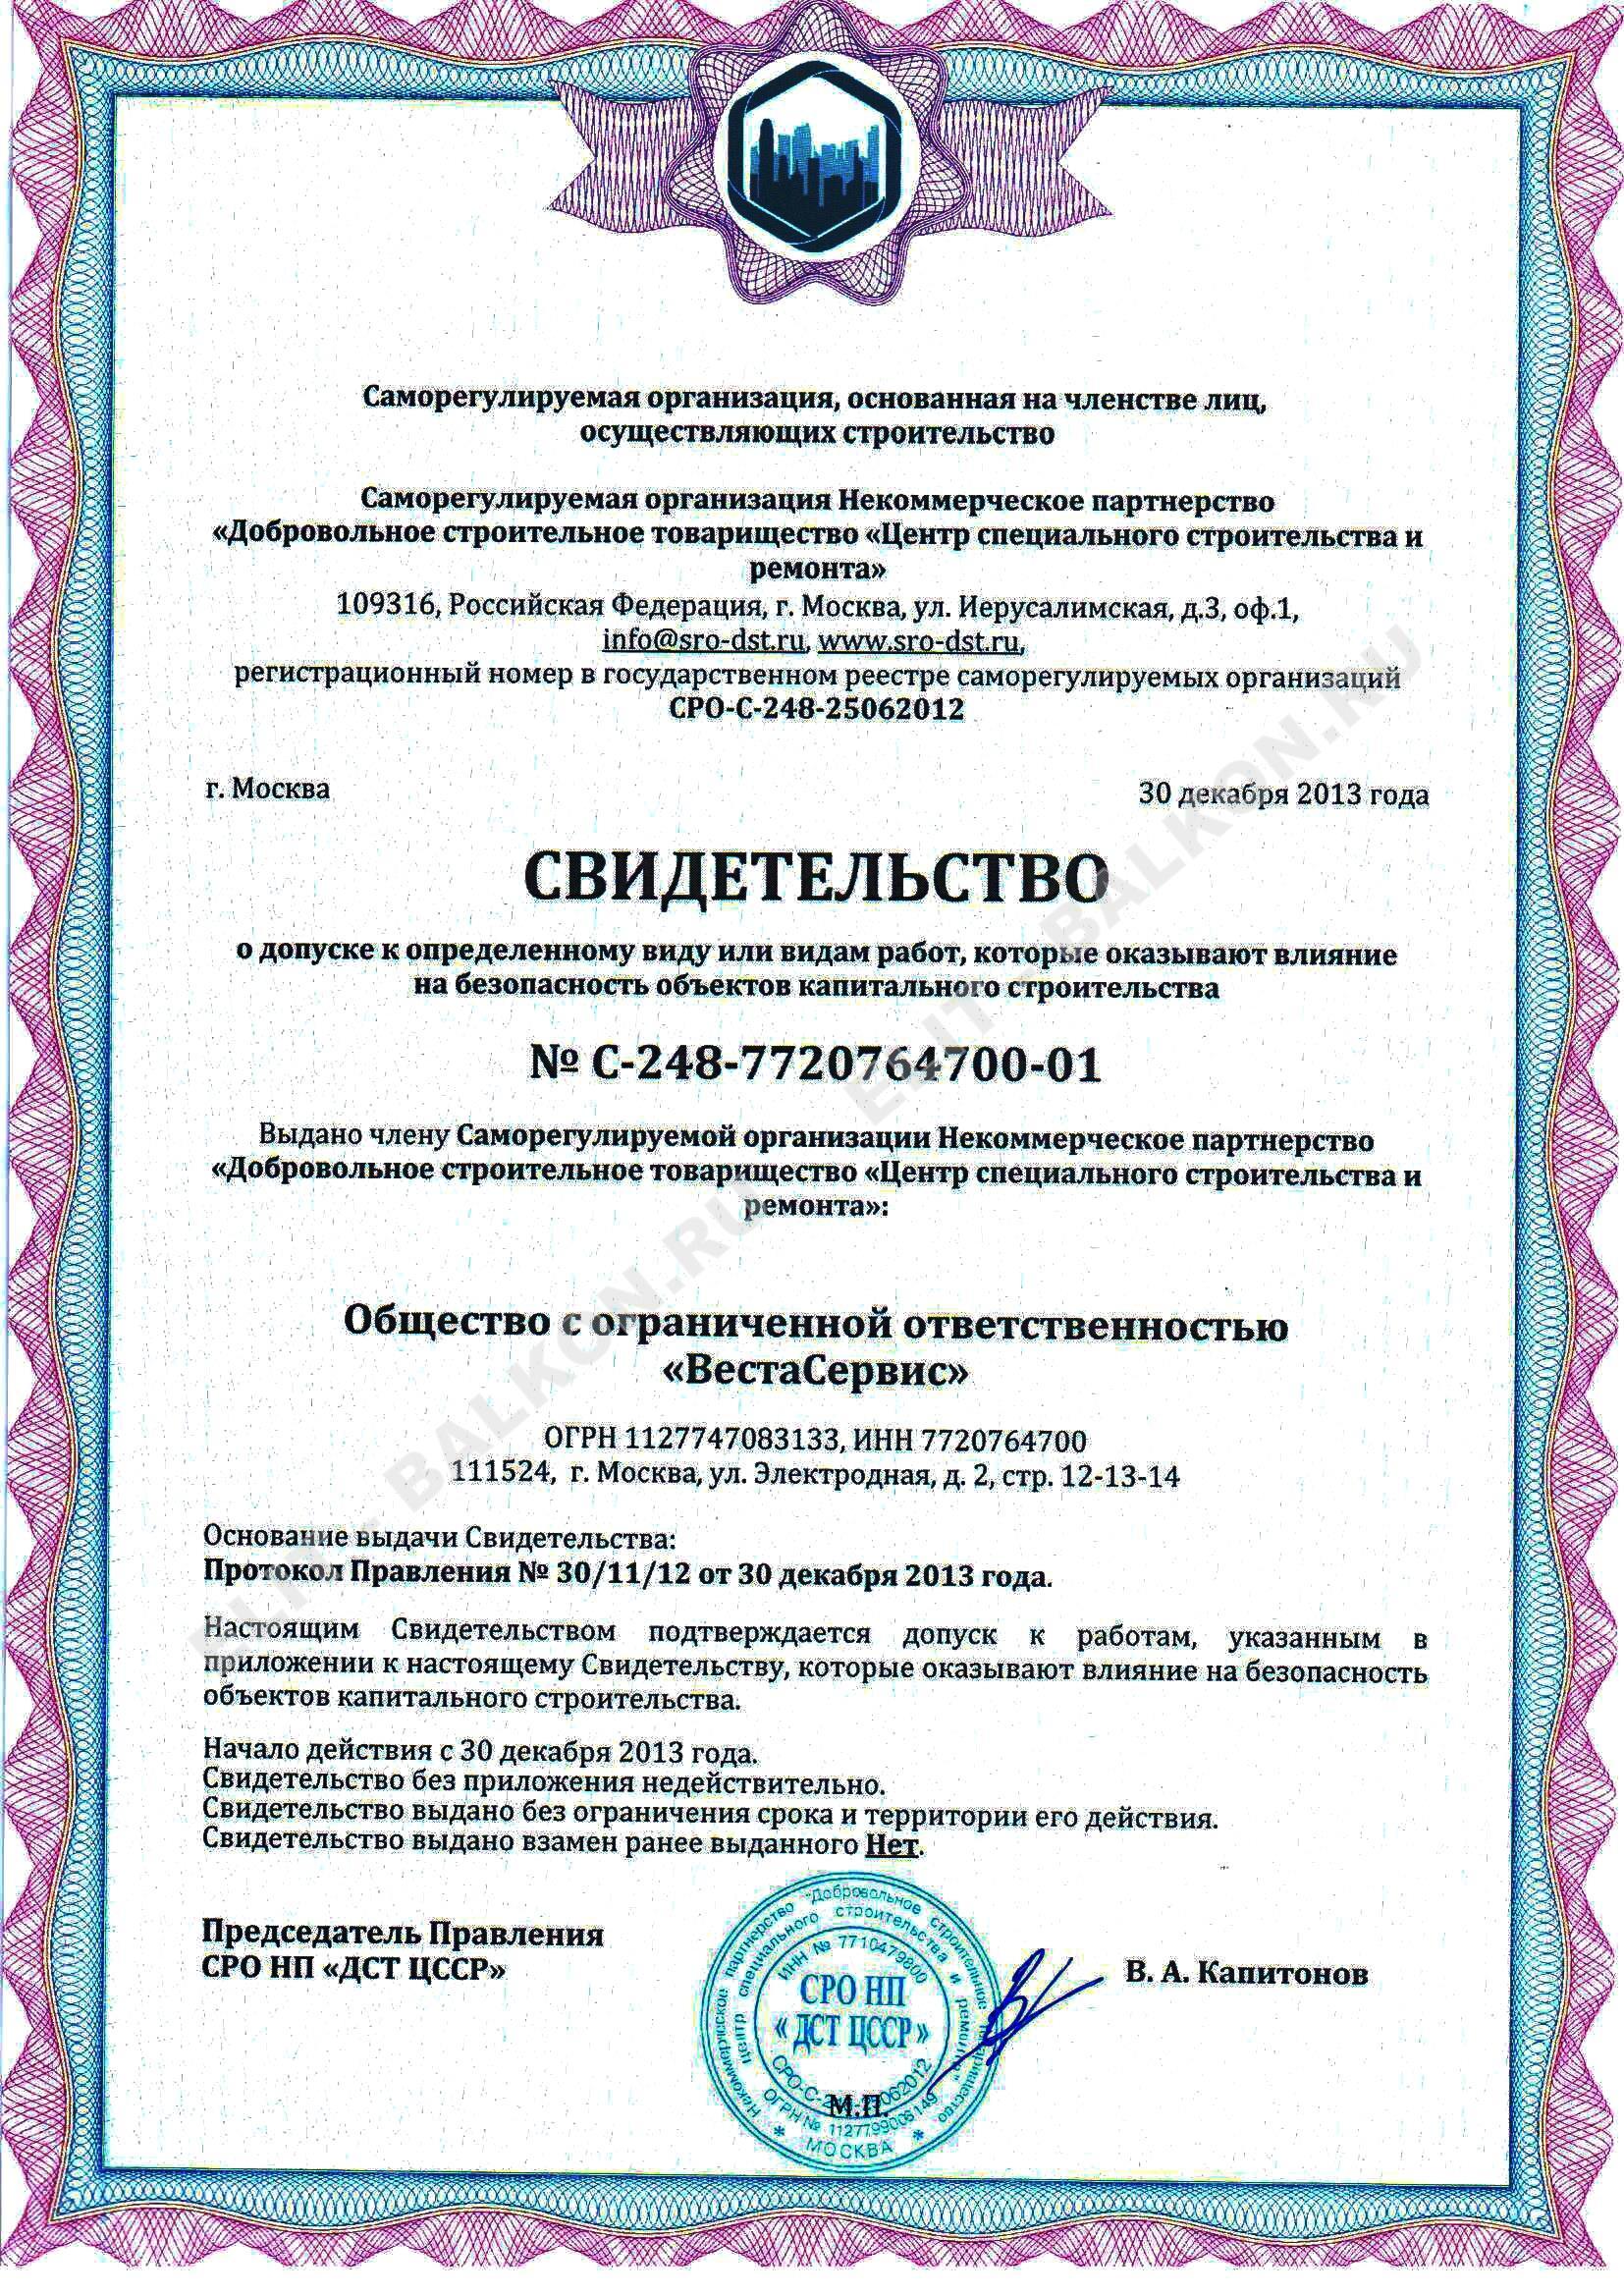 СРО В ОСТЕКЛЕНИИ ООО ВЕСТАСЕРВИС - ОКНА КАЛЕВА - ОКНА БАЛКОНС - ЭЛИТБАЛКОН 2013 - 2016 - 1-1